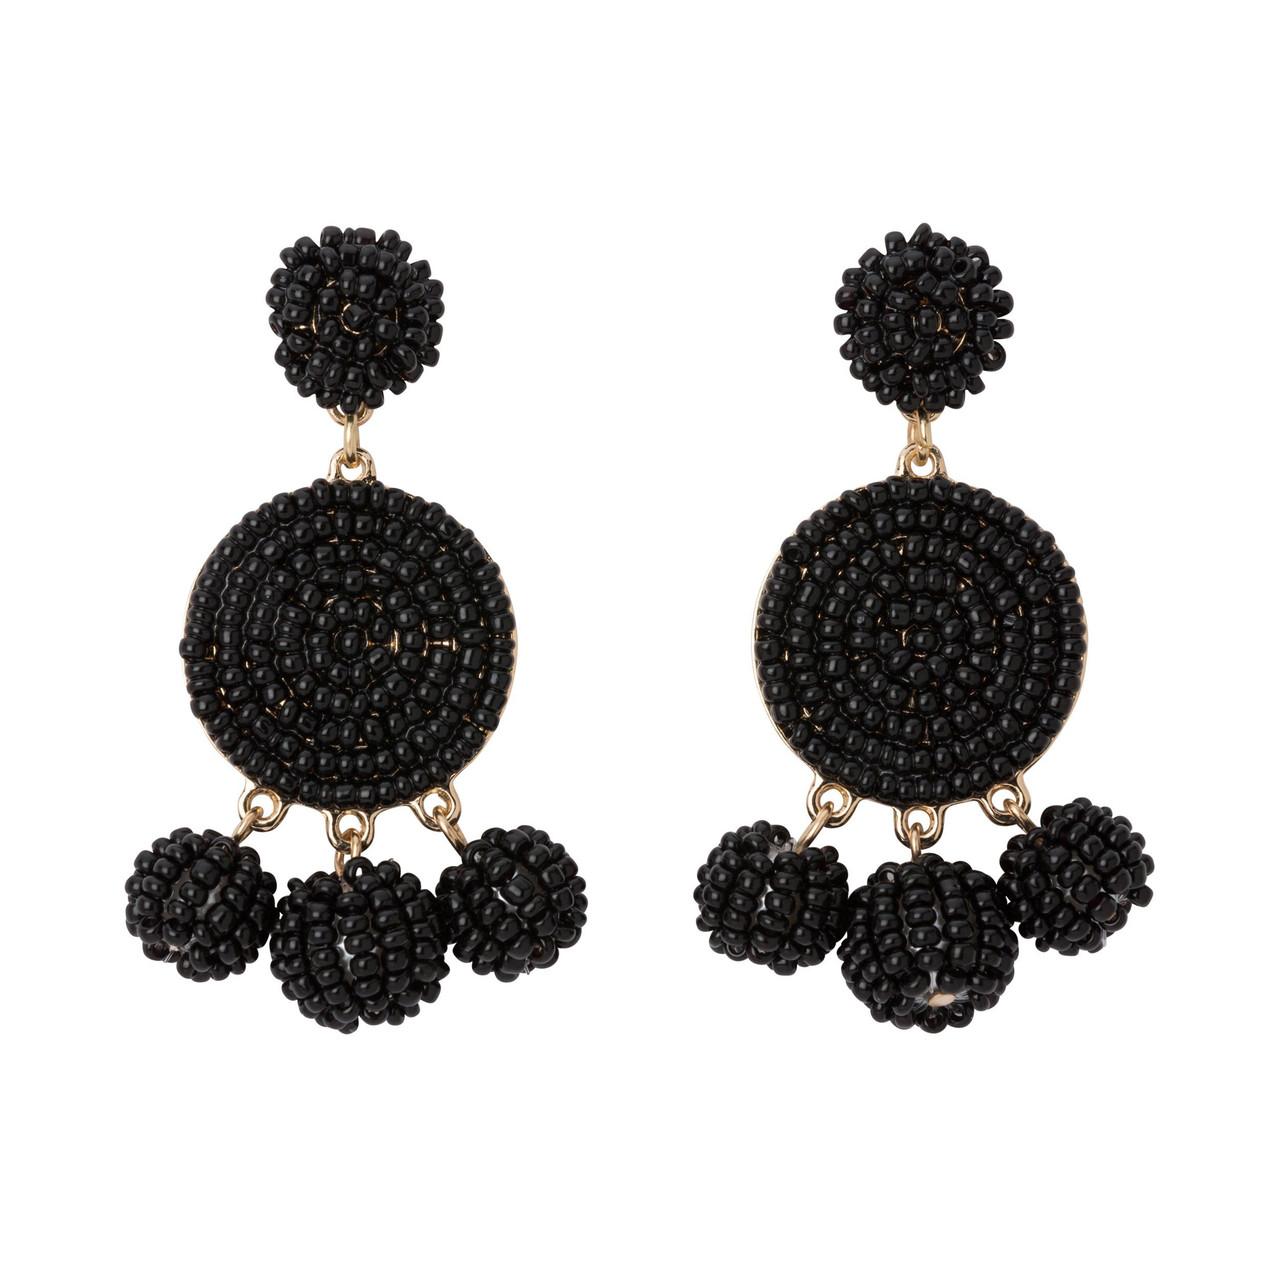 AB black circle dangle earrings  sequins earrings  iridescent evening earrings  boho earrings  festival earrings  circle earrings